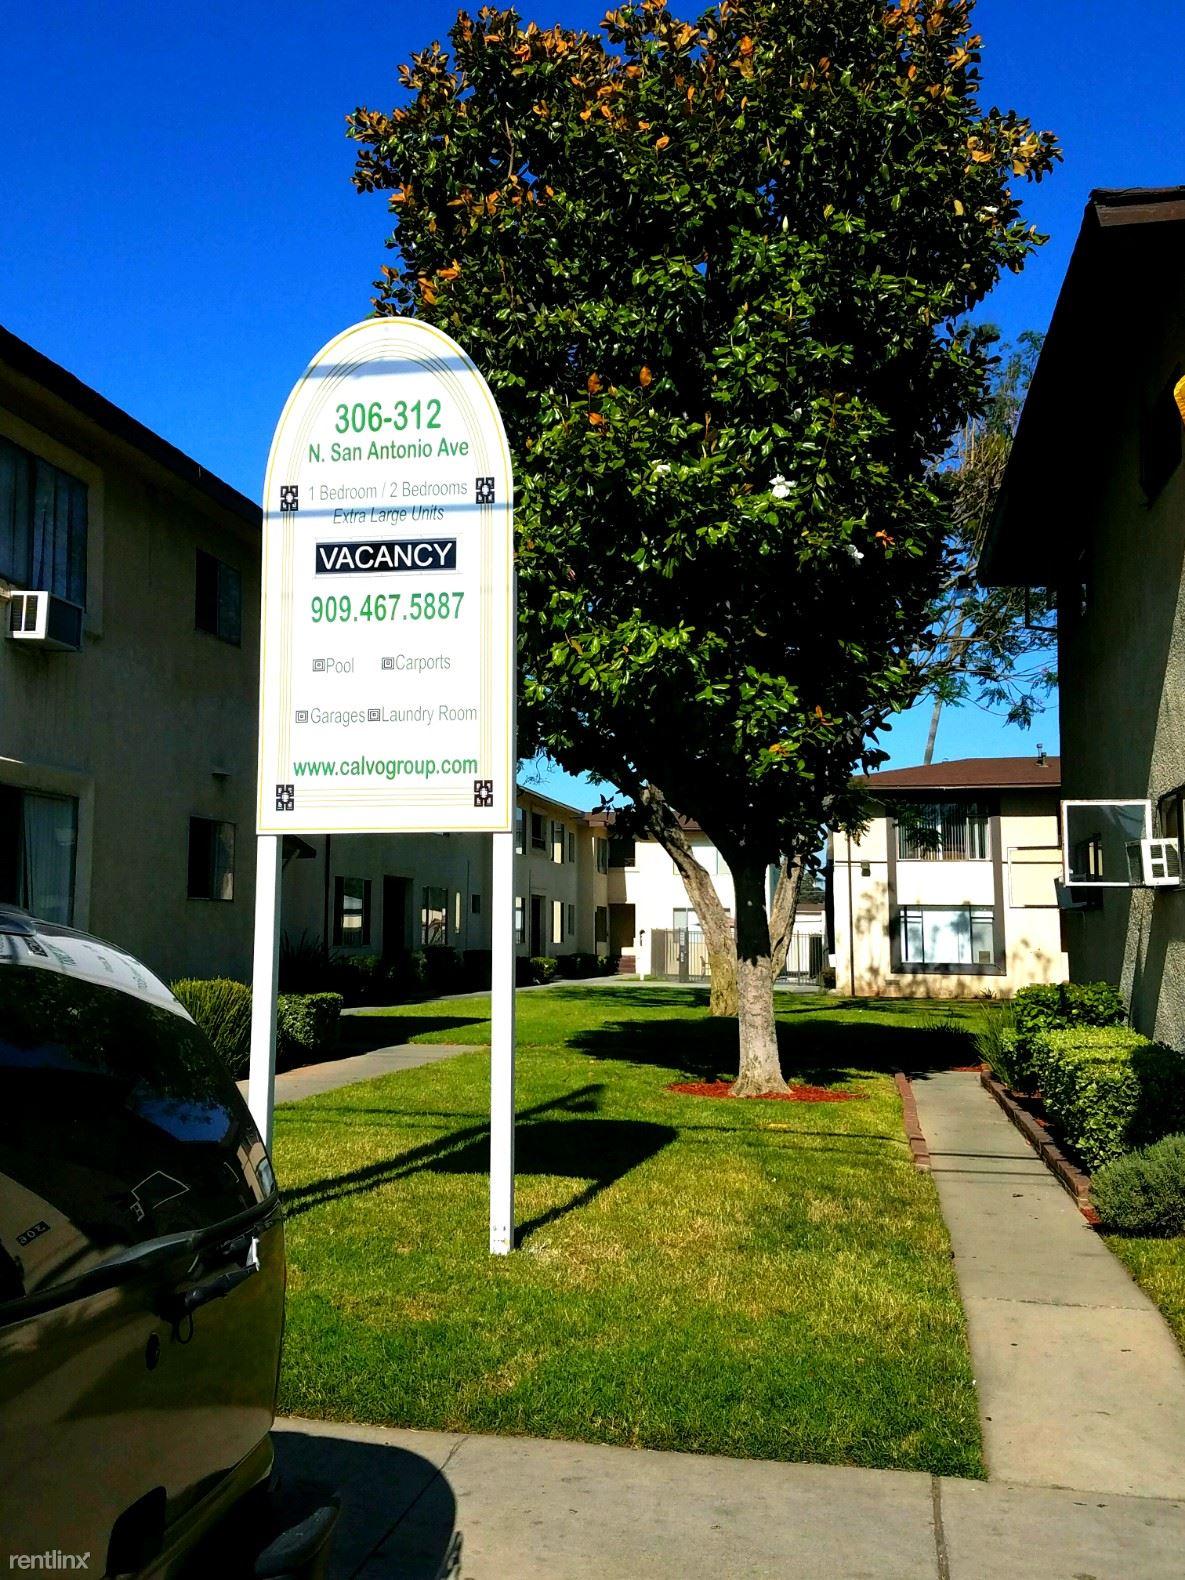 312 N San Antonio Ave, Ontario, CA - $1,375